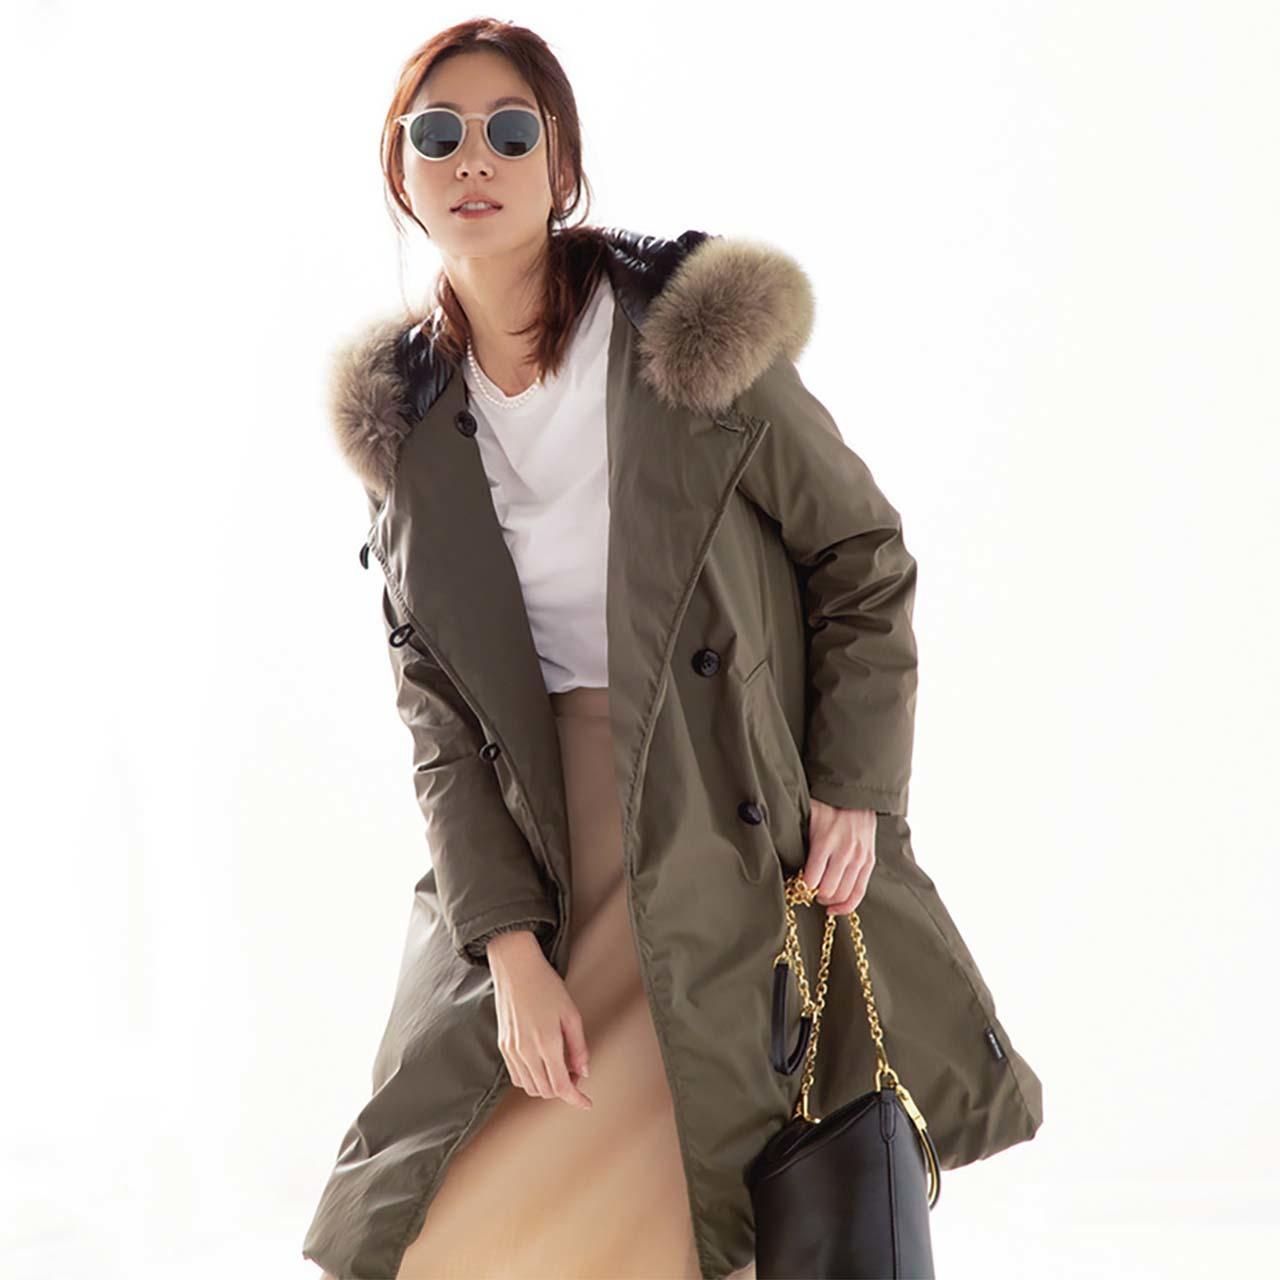 ダウンコート×白Tシャツ×スカートコーデを着たモデルの内田ナナさん